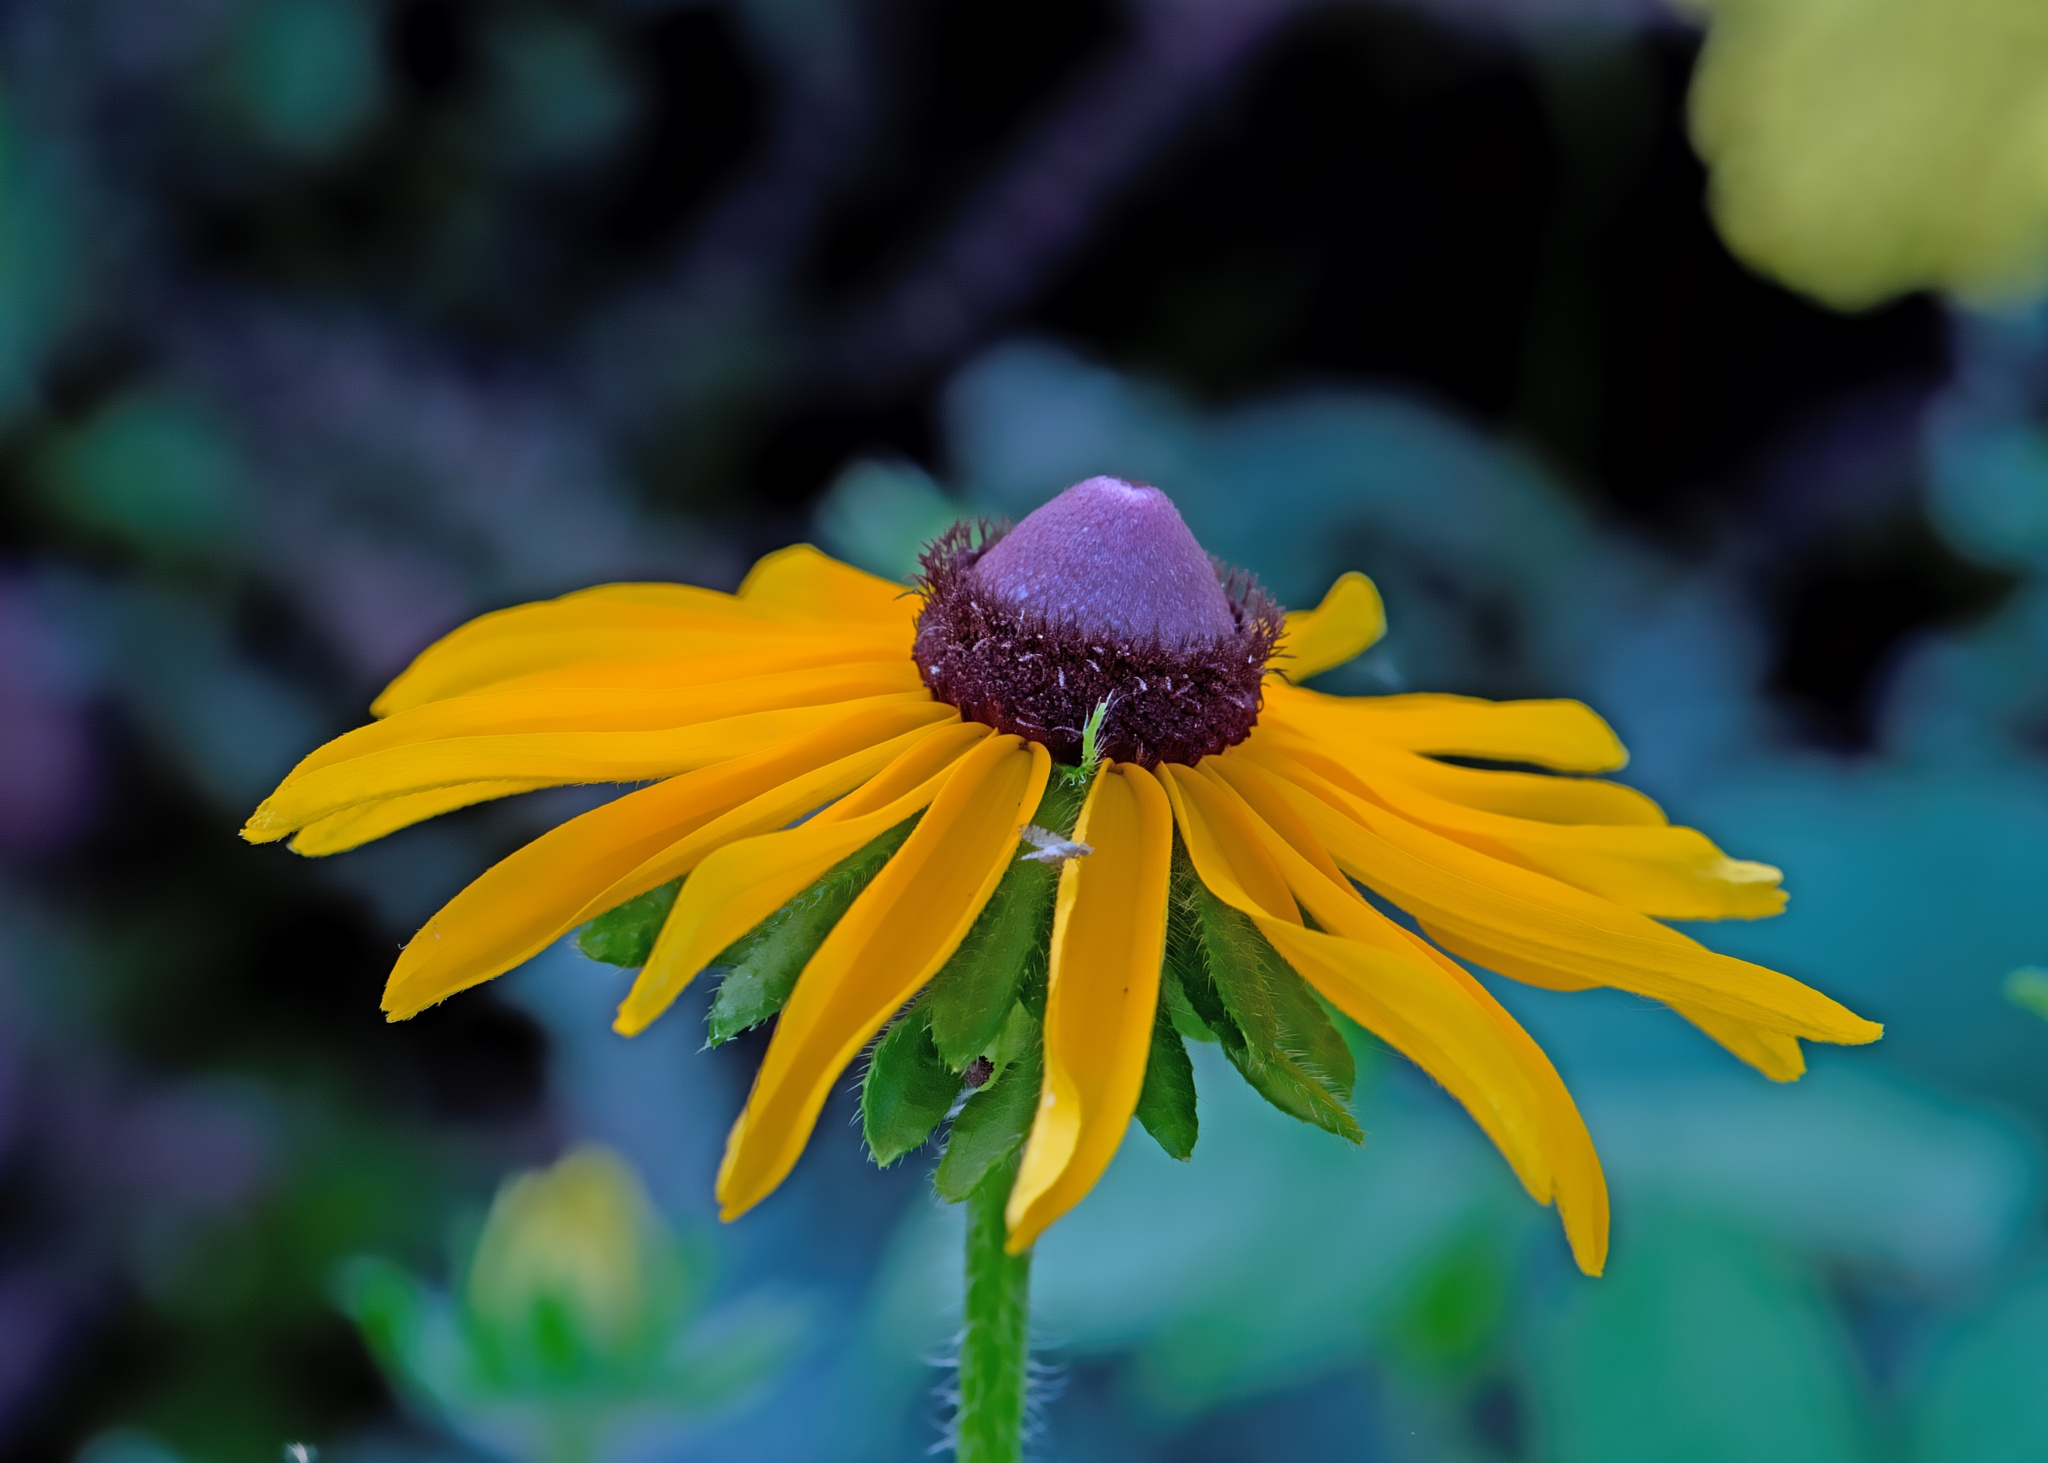 Yellow Rubeckia 0711 by ThomasJerger